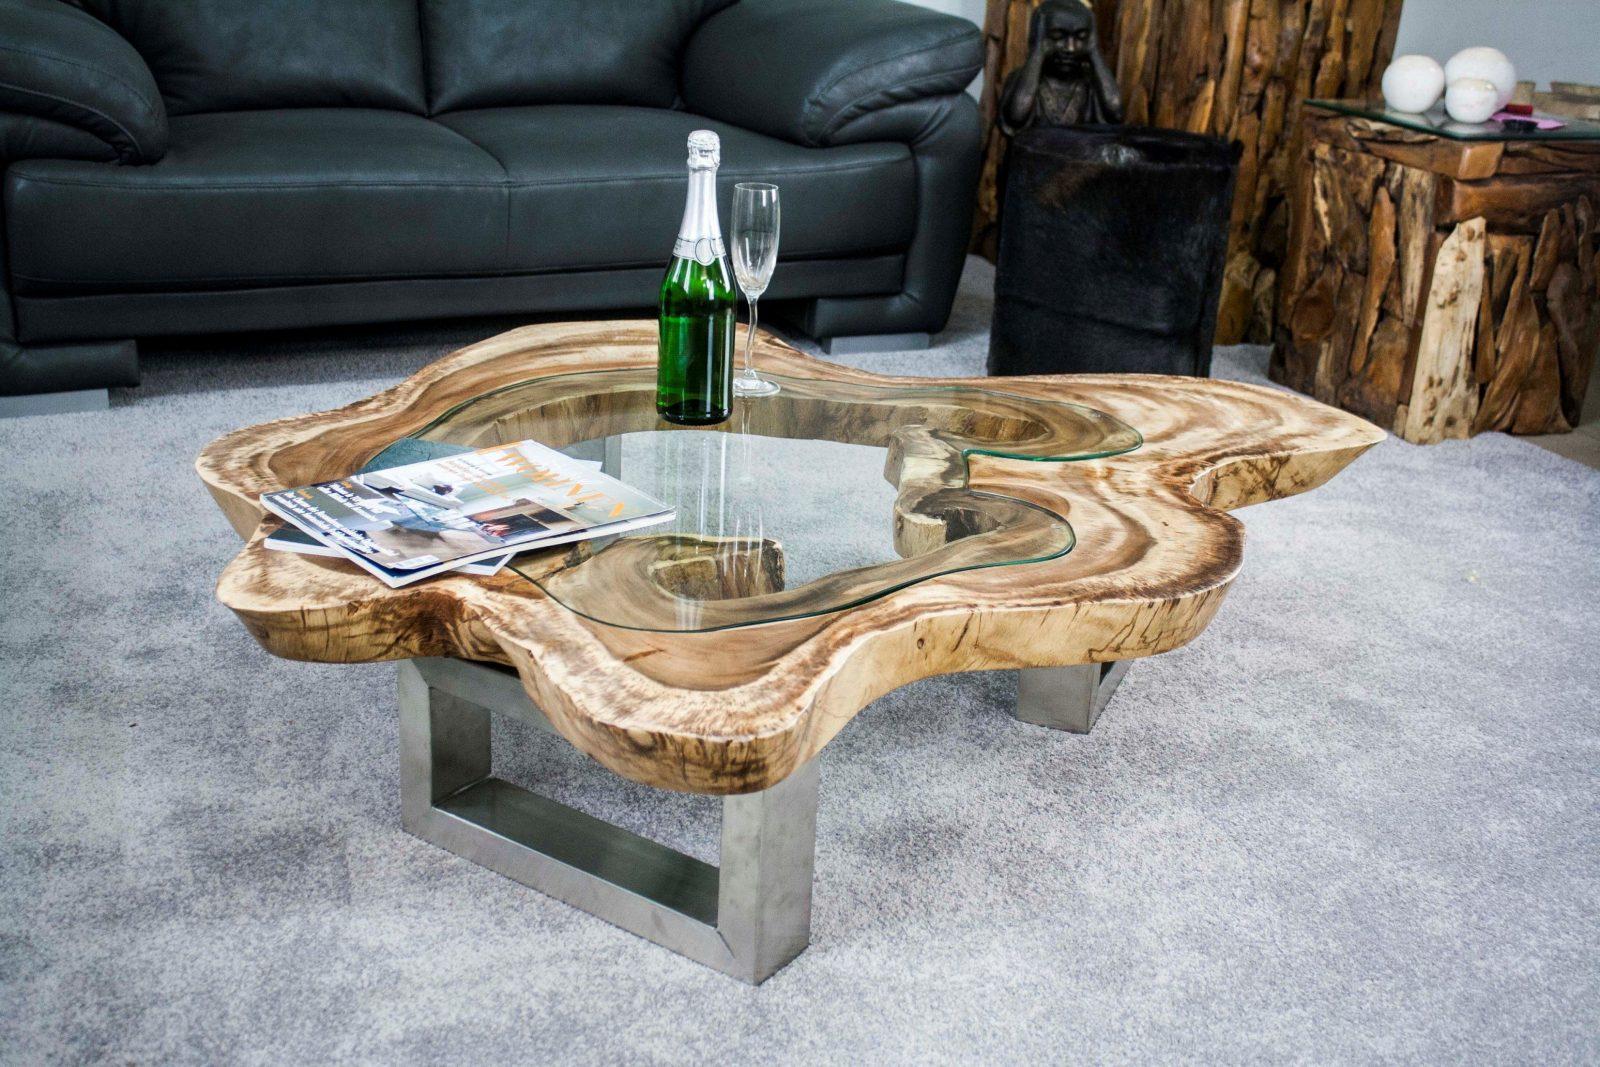 Couchtisch Ideen Erstaunlich Baumscheibe Couchtisch Bezaubernd von Tisch Baumscheibe Selber Bauen Bild